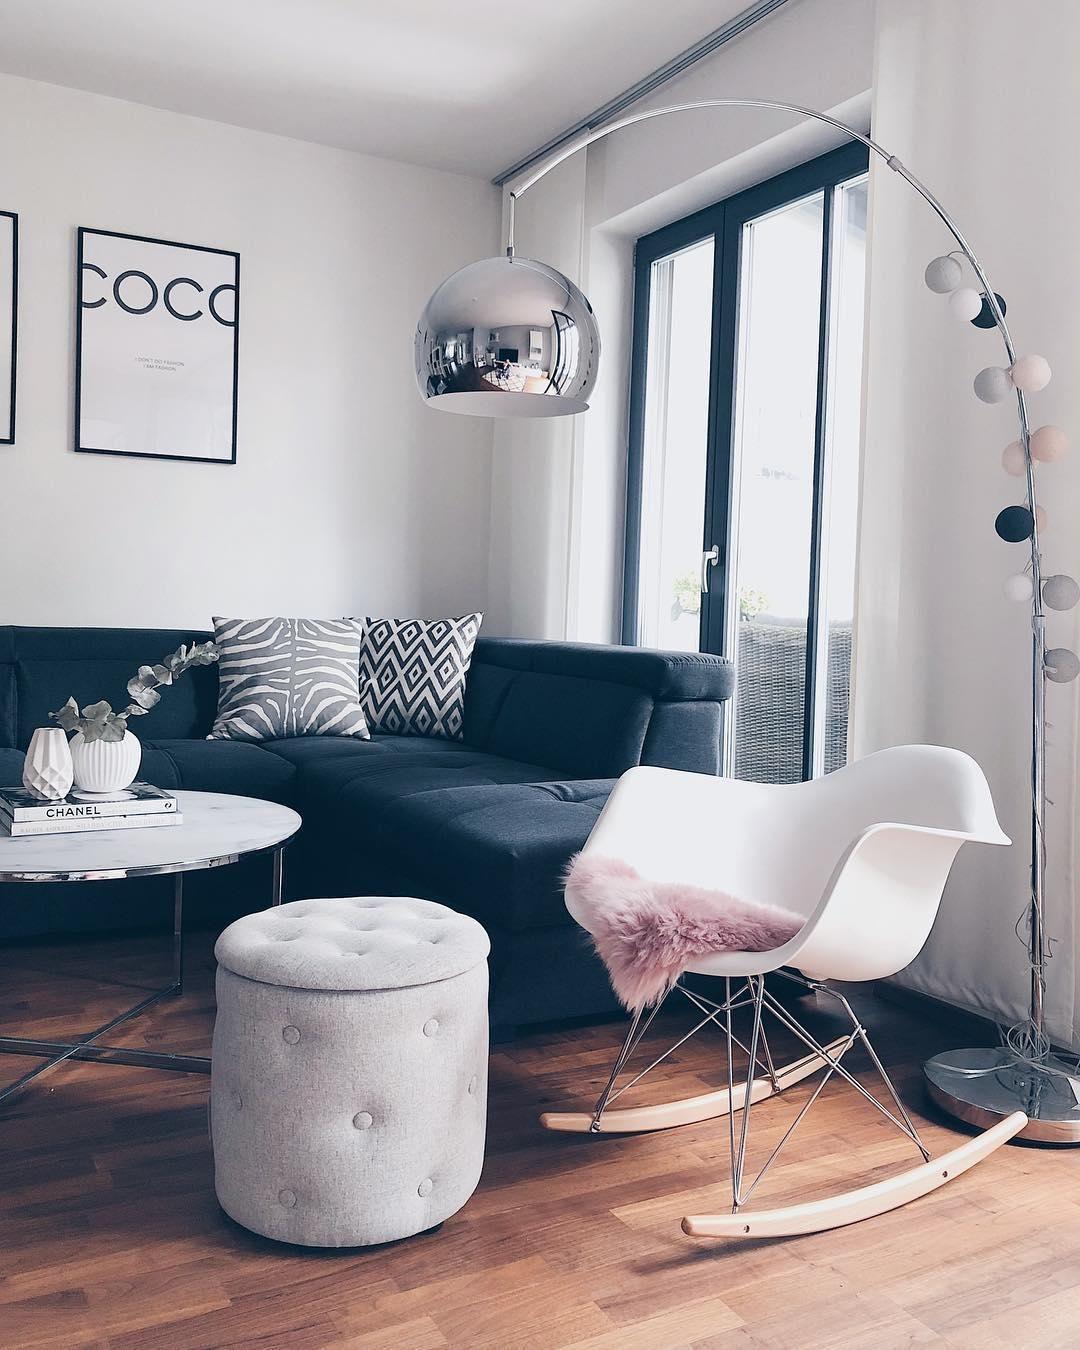 Verpasse deinem zuhause ein leuchtendes upgrade die lichterkette pink grey sieht nicht nur super atmospharisch also best housing ideas images in future house home bedrooms rh pinterest